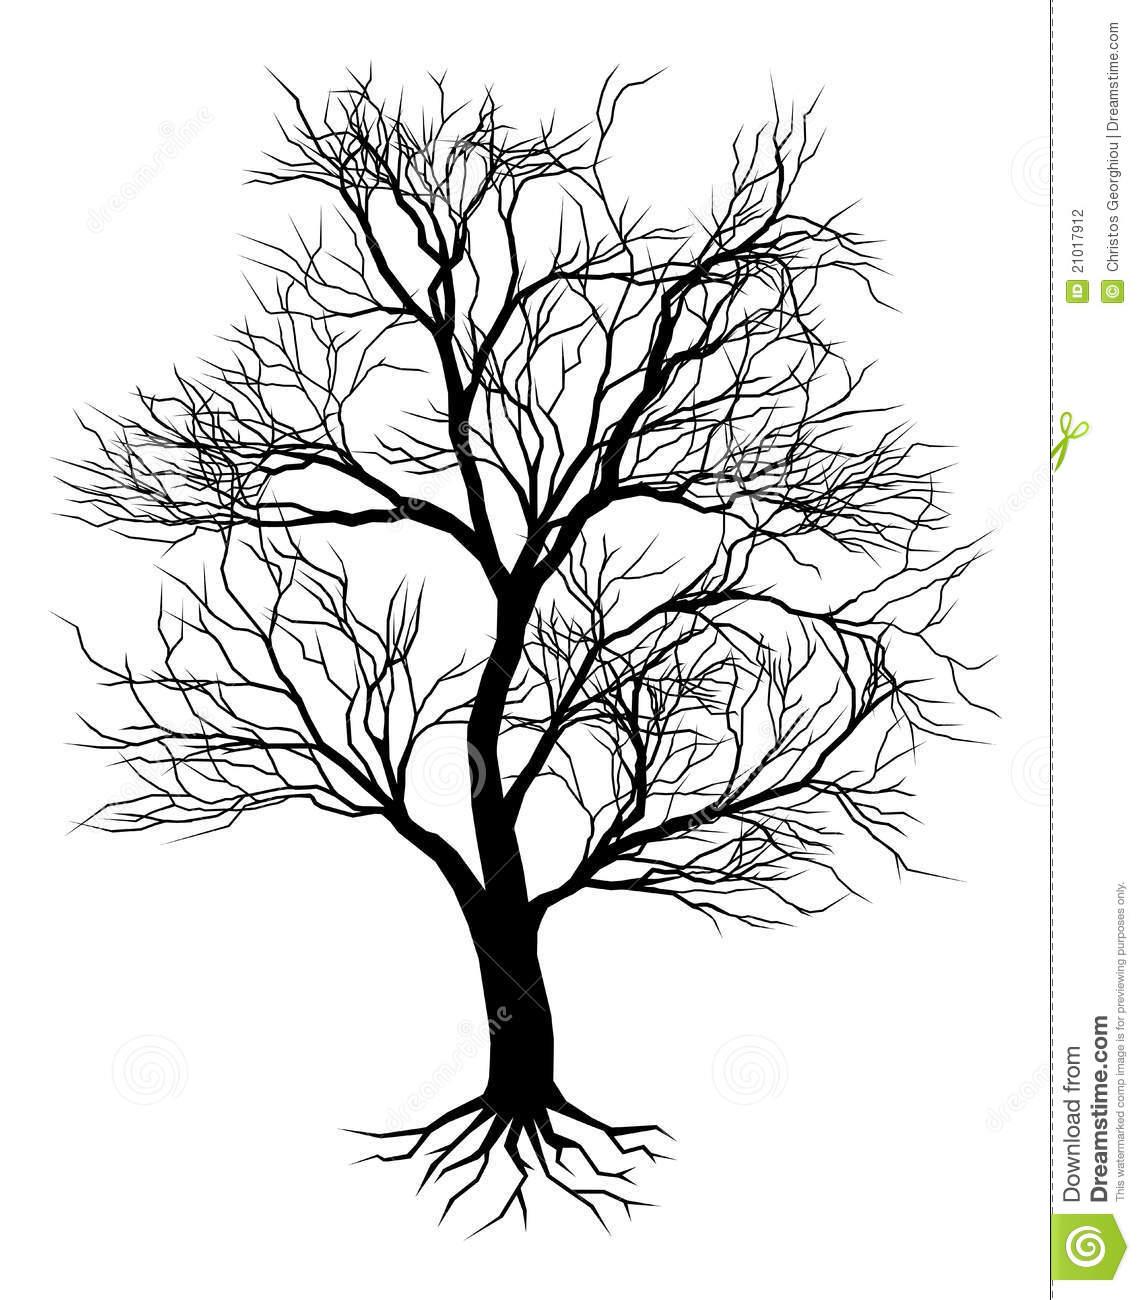 Drawn dead tree Tree Dead Drawing Oak Tattoo